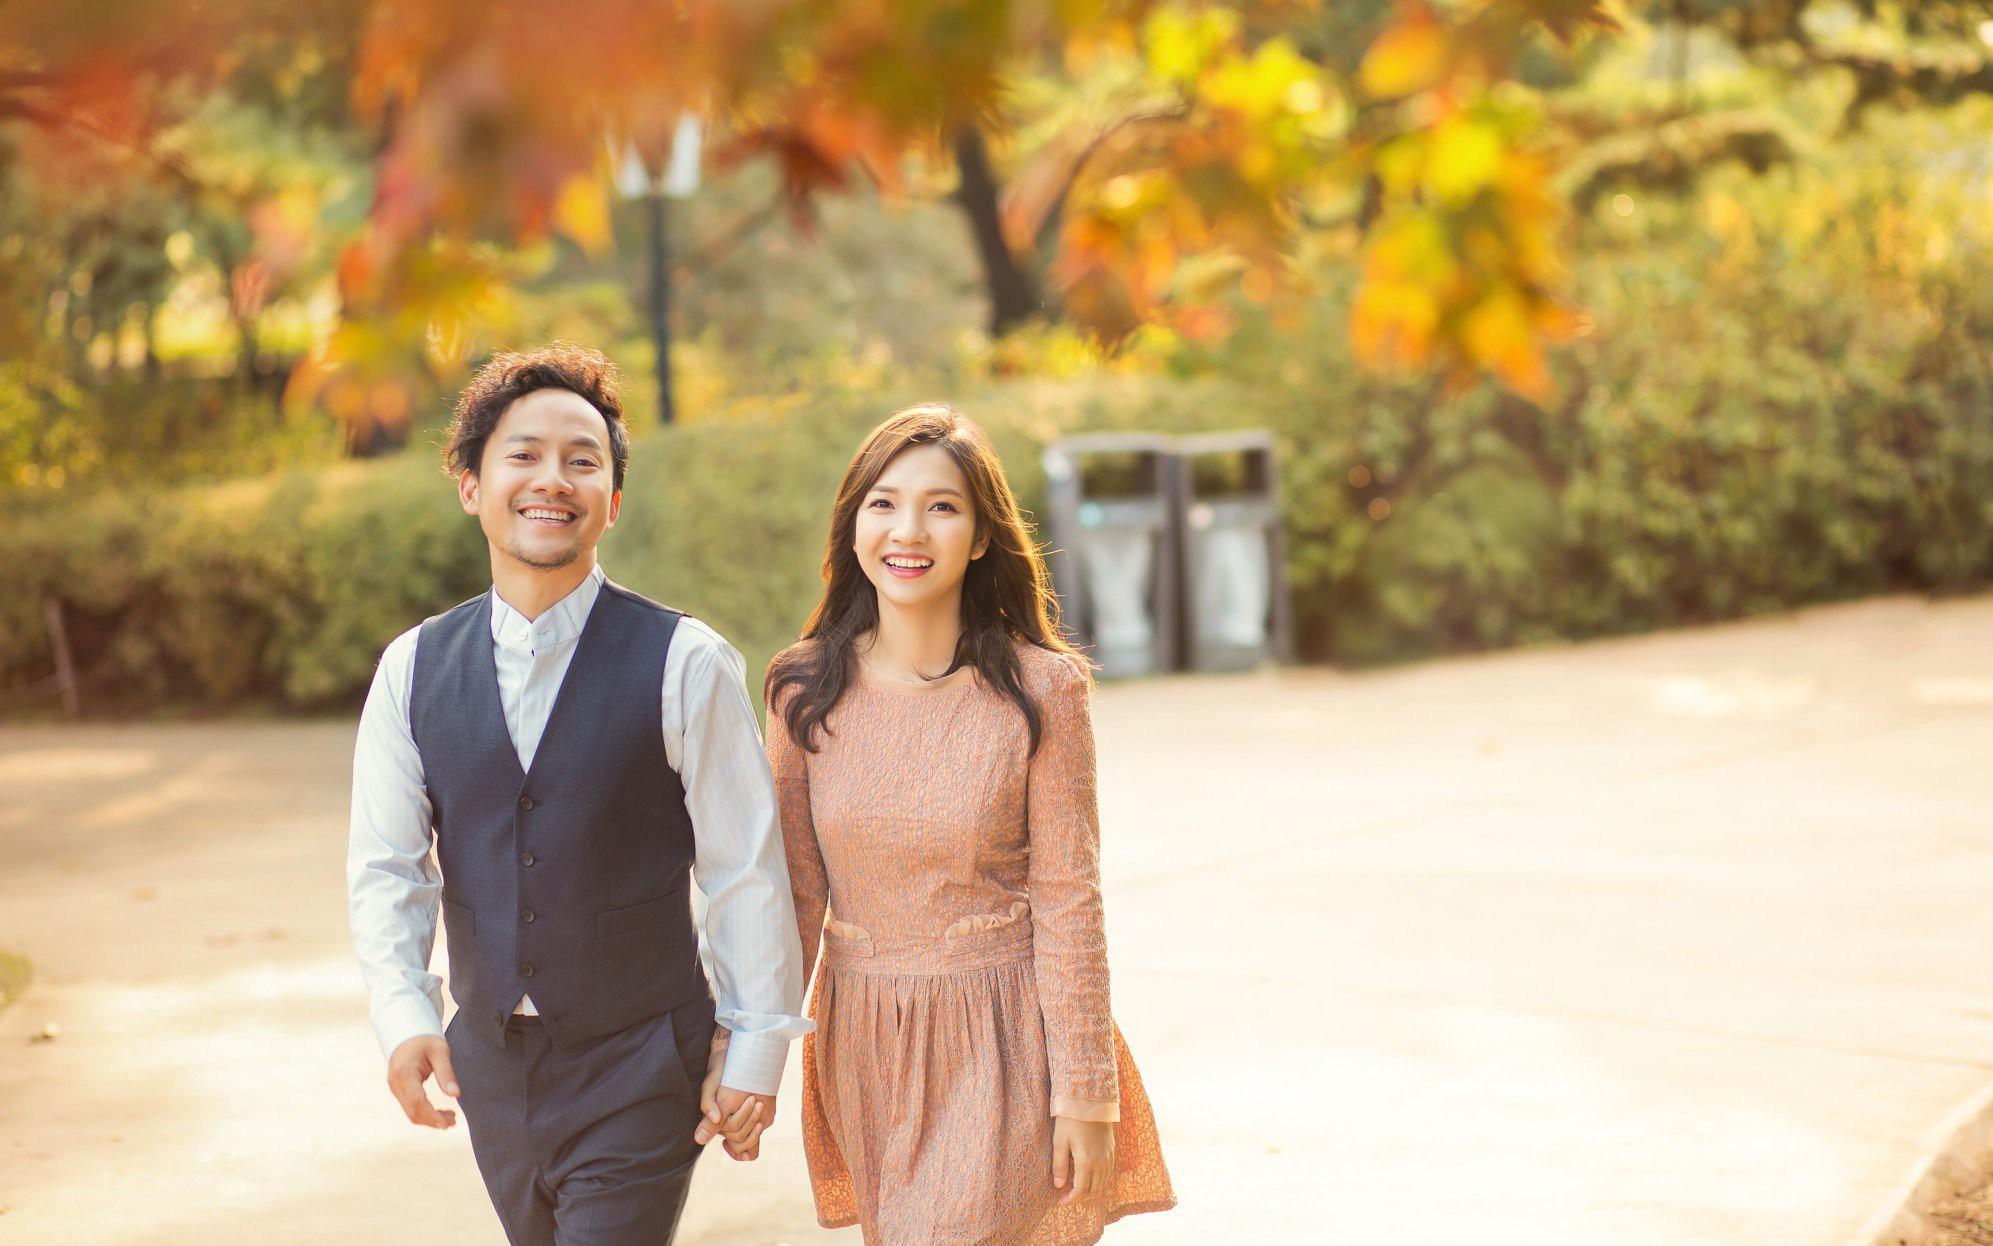 Hari Won còn mải thanh minh chuyện bầu bí, vợ Đinh Tiến Đạt báo tin bị nghén dữ dội sau 5 tháng kết hôn - Ảnh 2